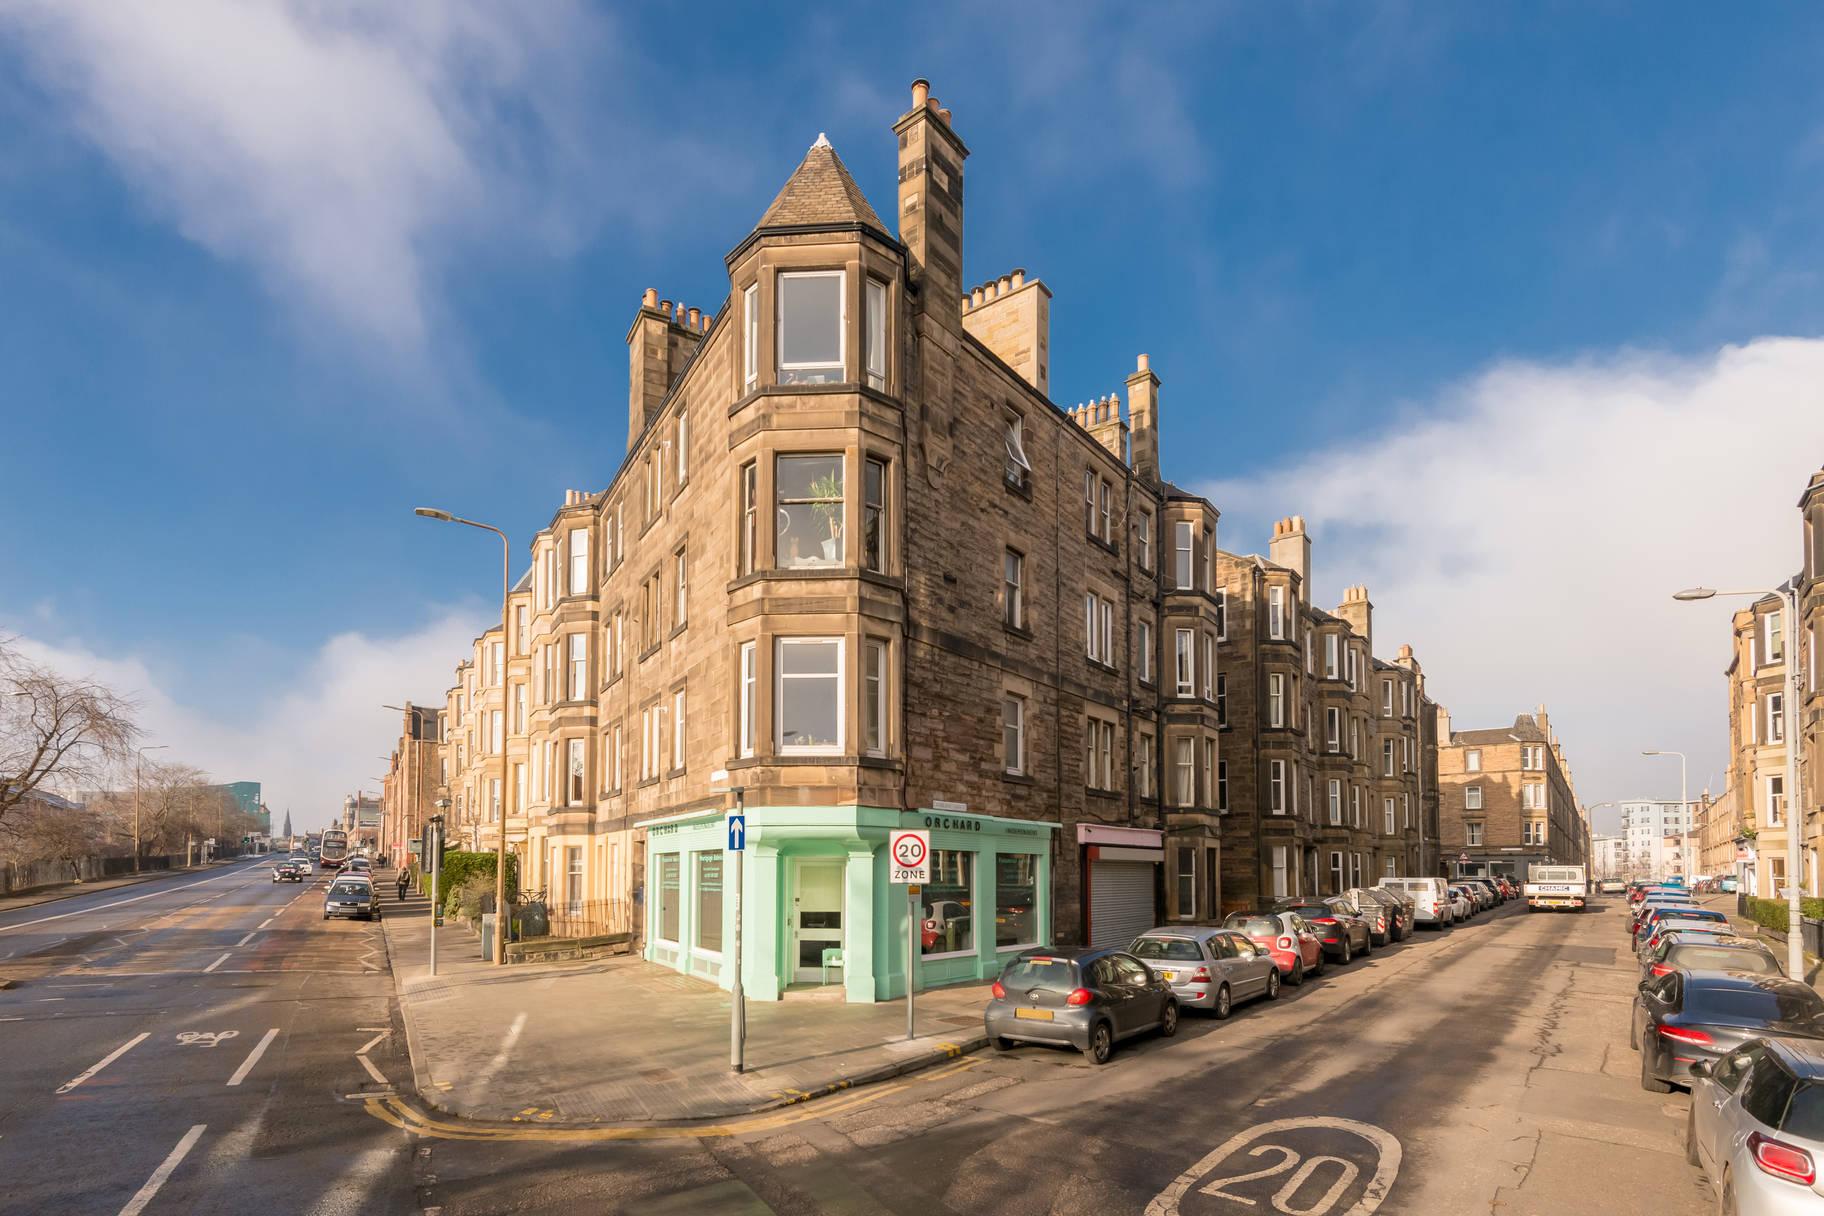 11/4 Dalziel Place, Edinburgh, EH7 5TR